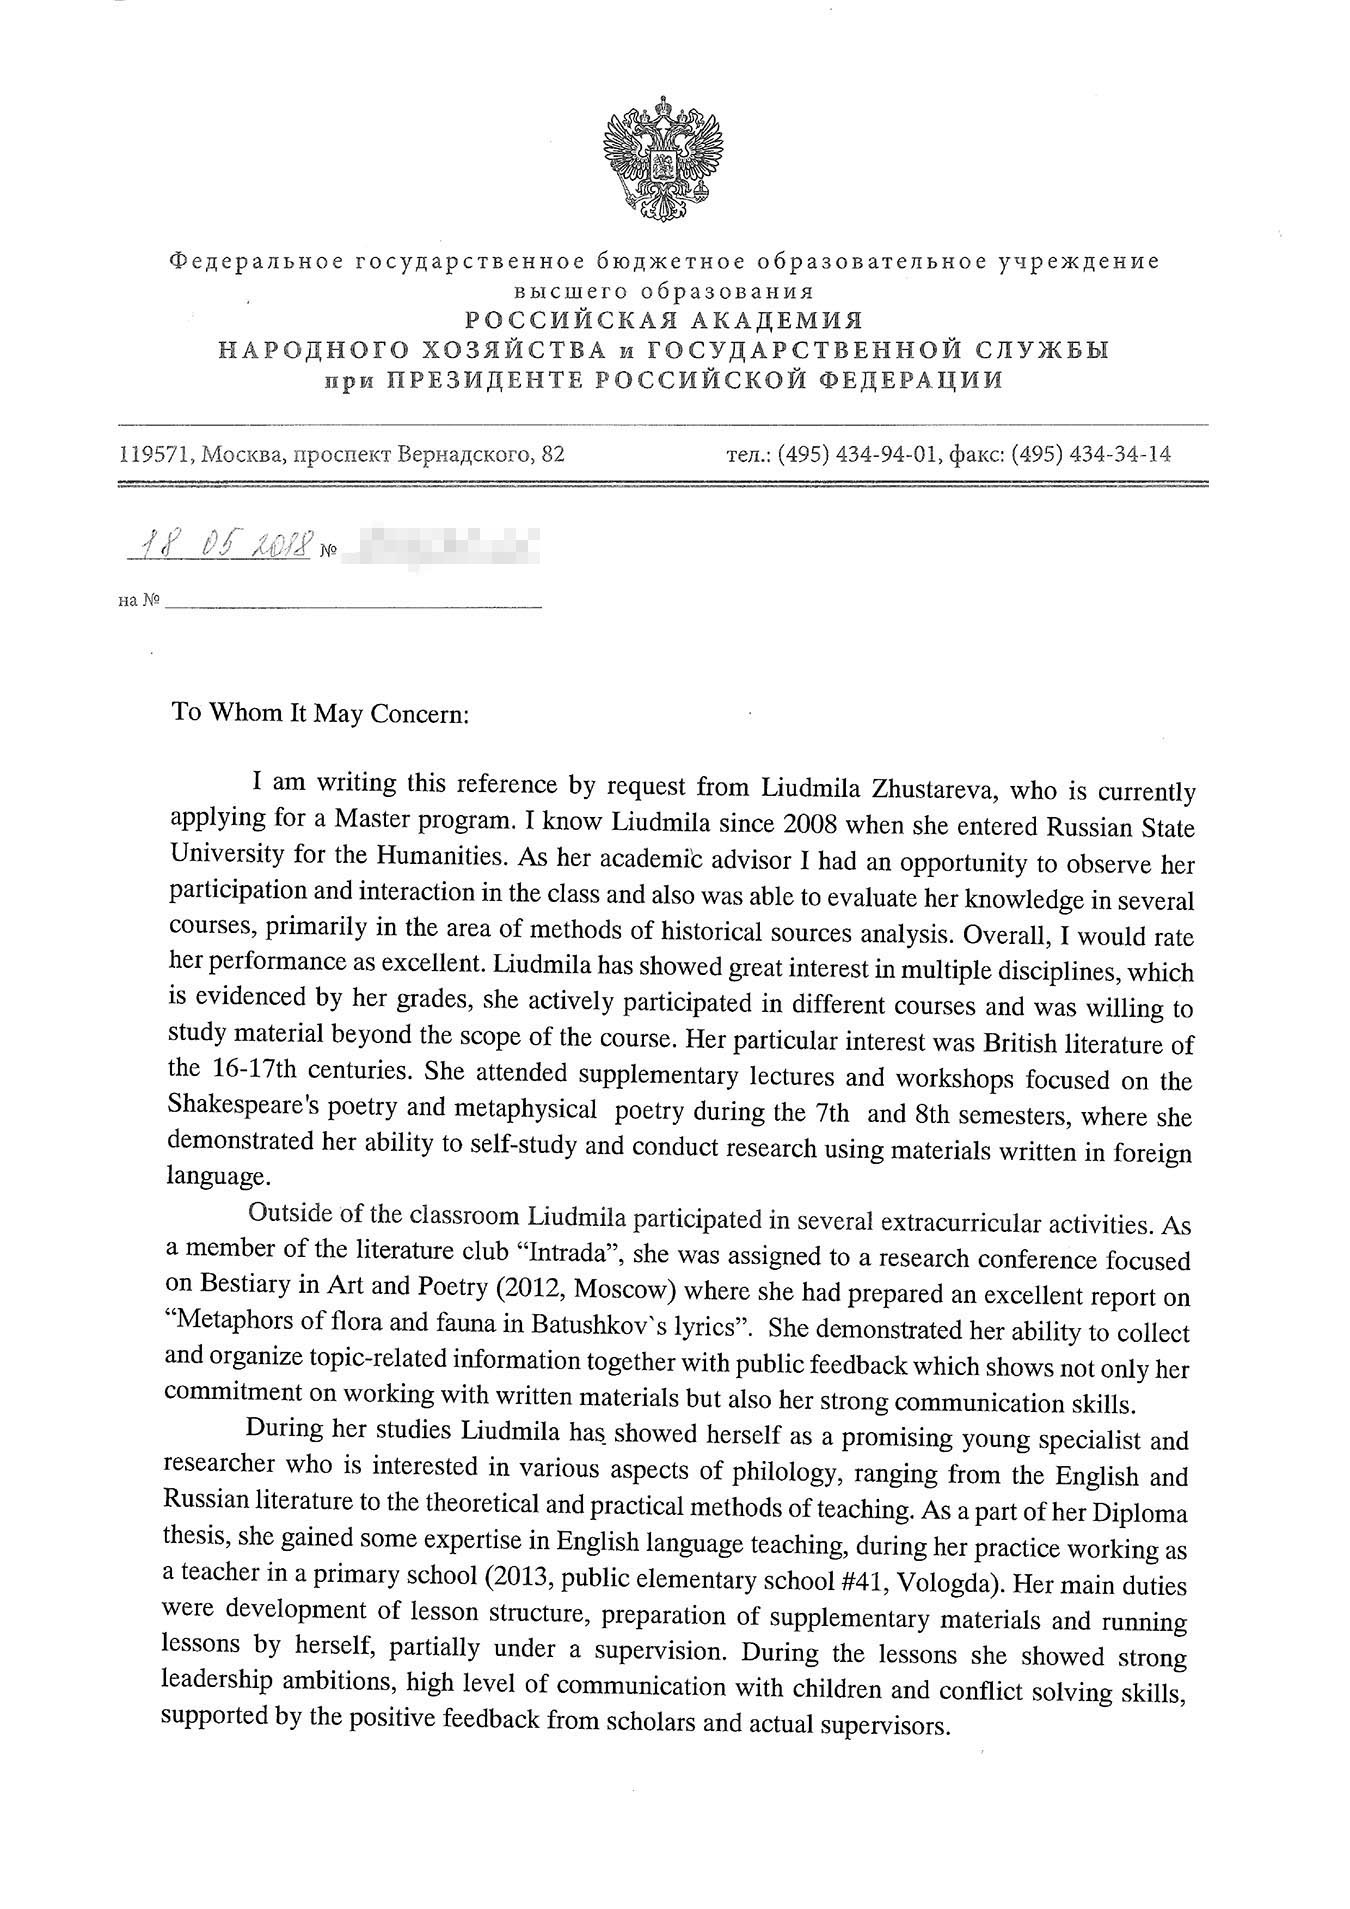 Рекомендательное письмо в университет от бывшего заместителя декана филологического факультета РГГУ